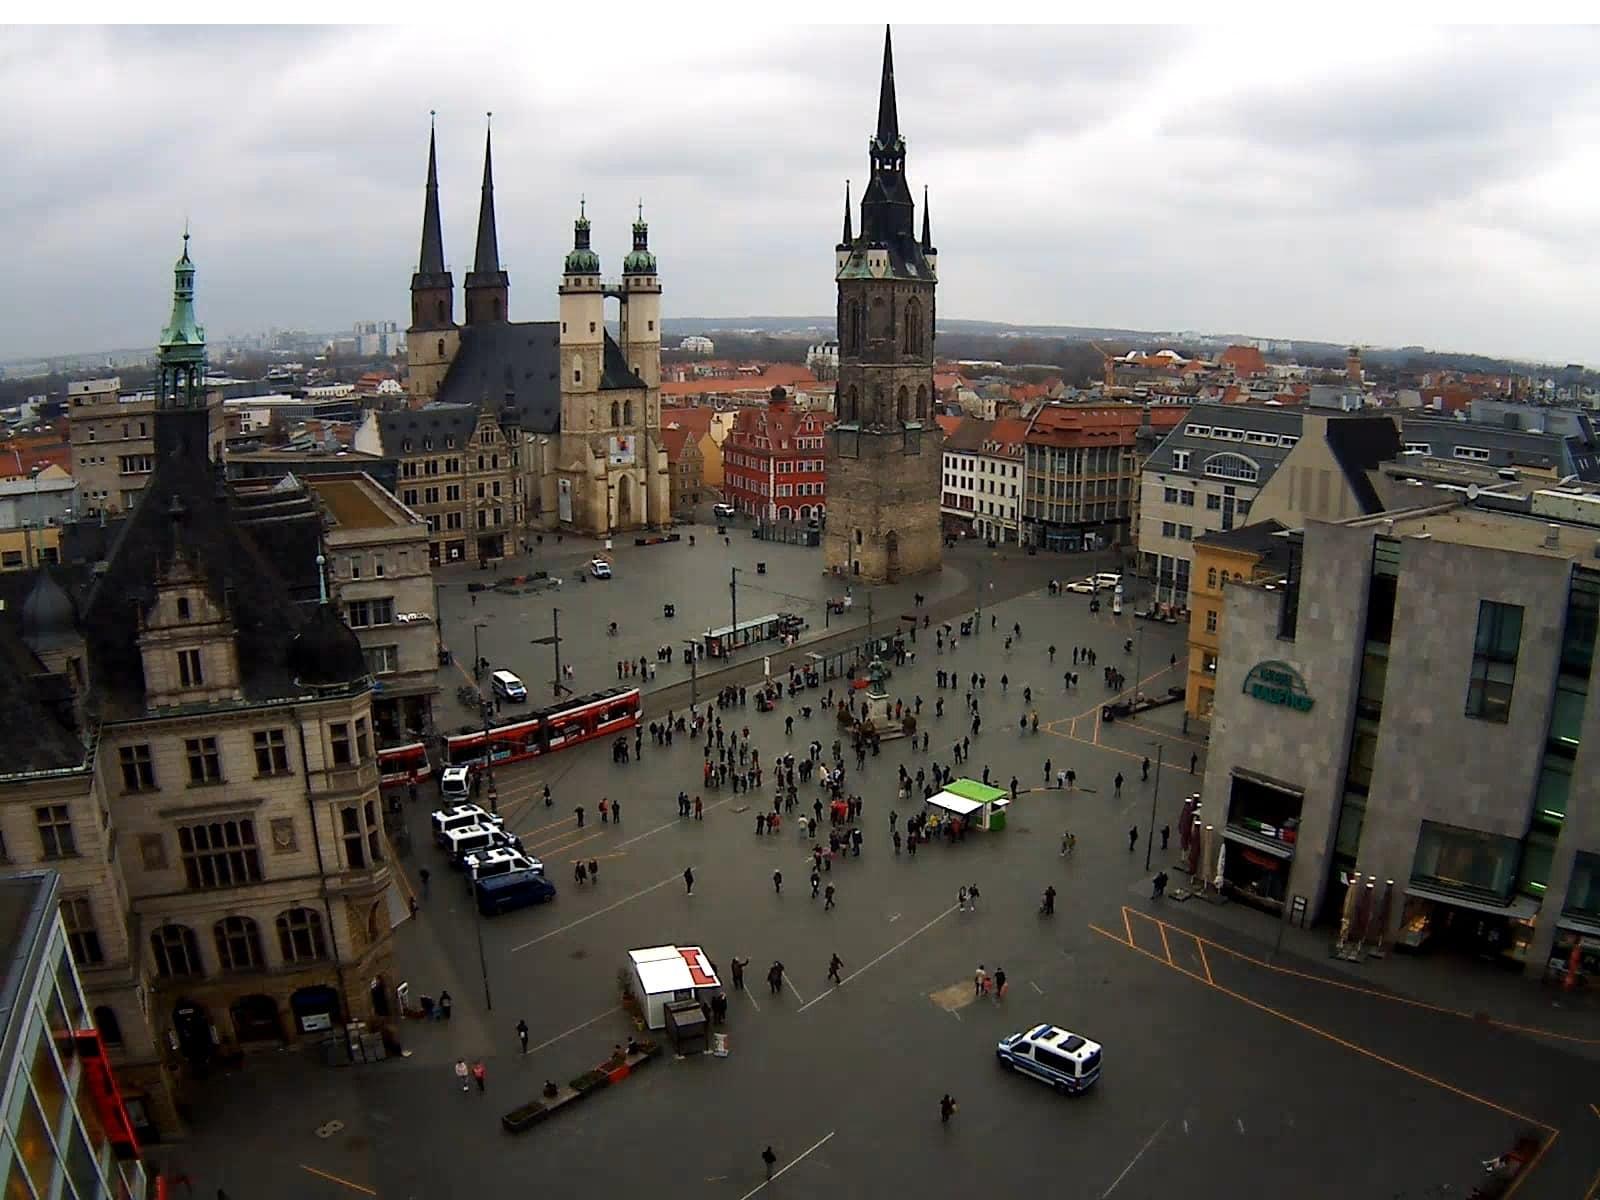 Der Marktplatz in Halle um 16:35 Uhr. Screen Webcam von ipcamlive.com